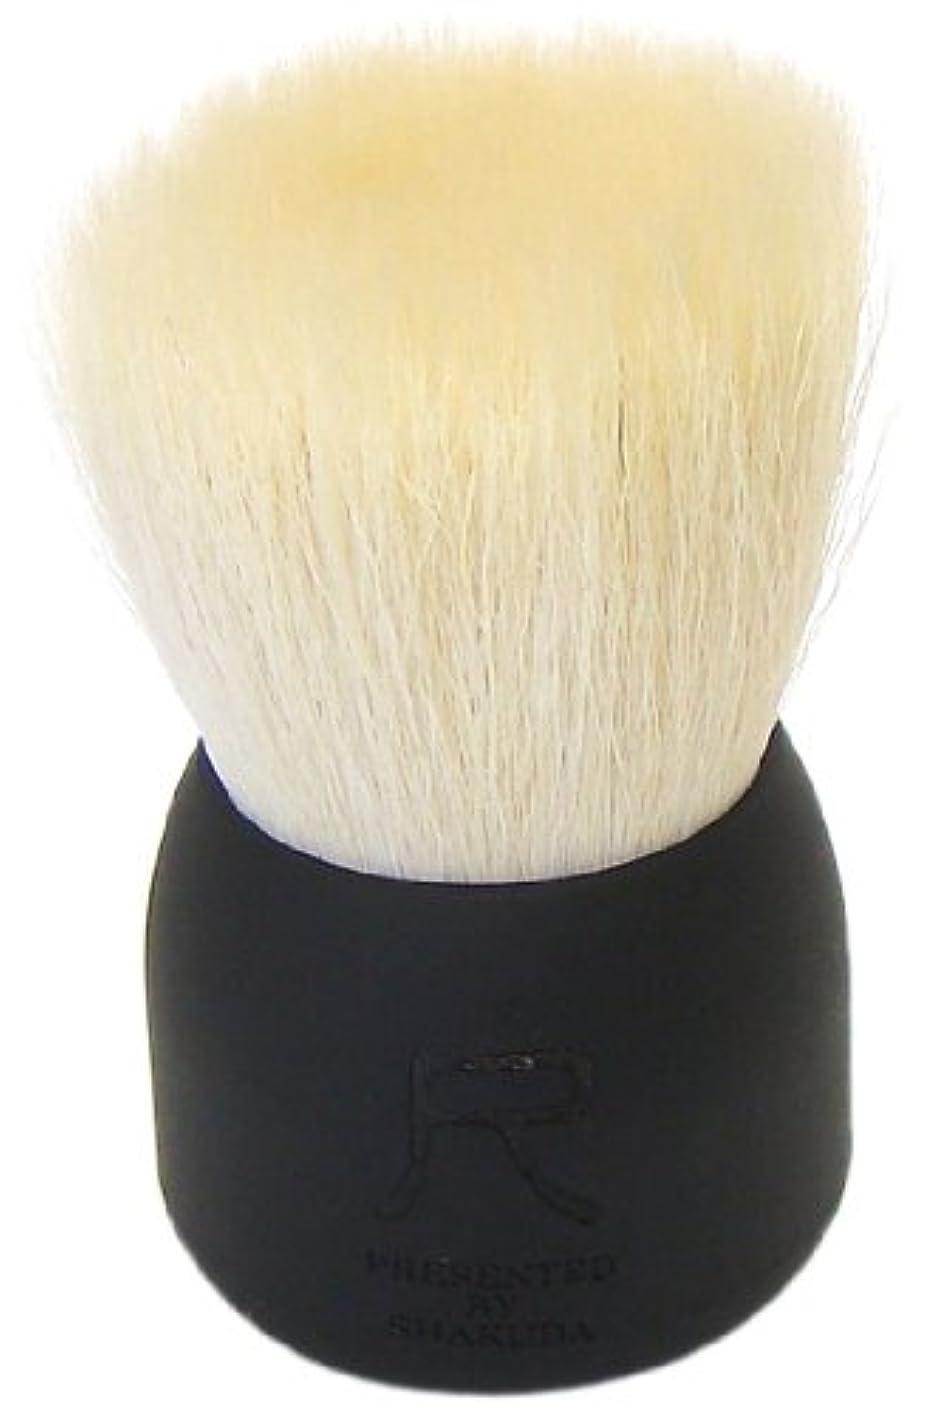 再編成するポンド支払い熊野筆 尺 PRESENTED BY SHAKUDA 洗顔ブラシ(黒)